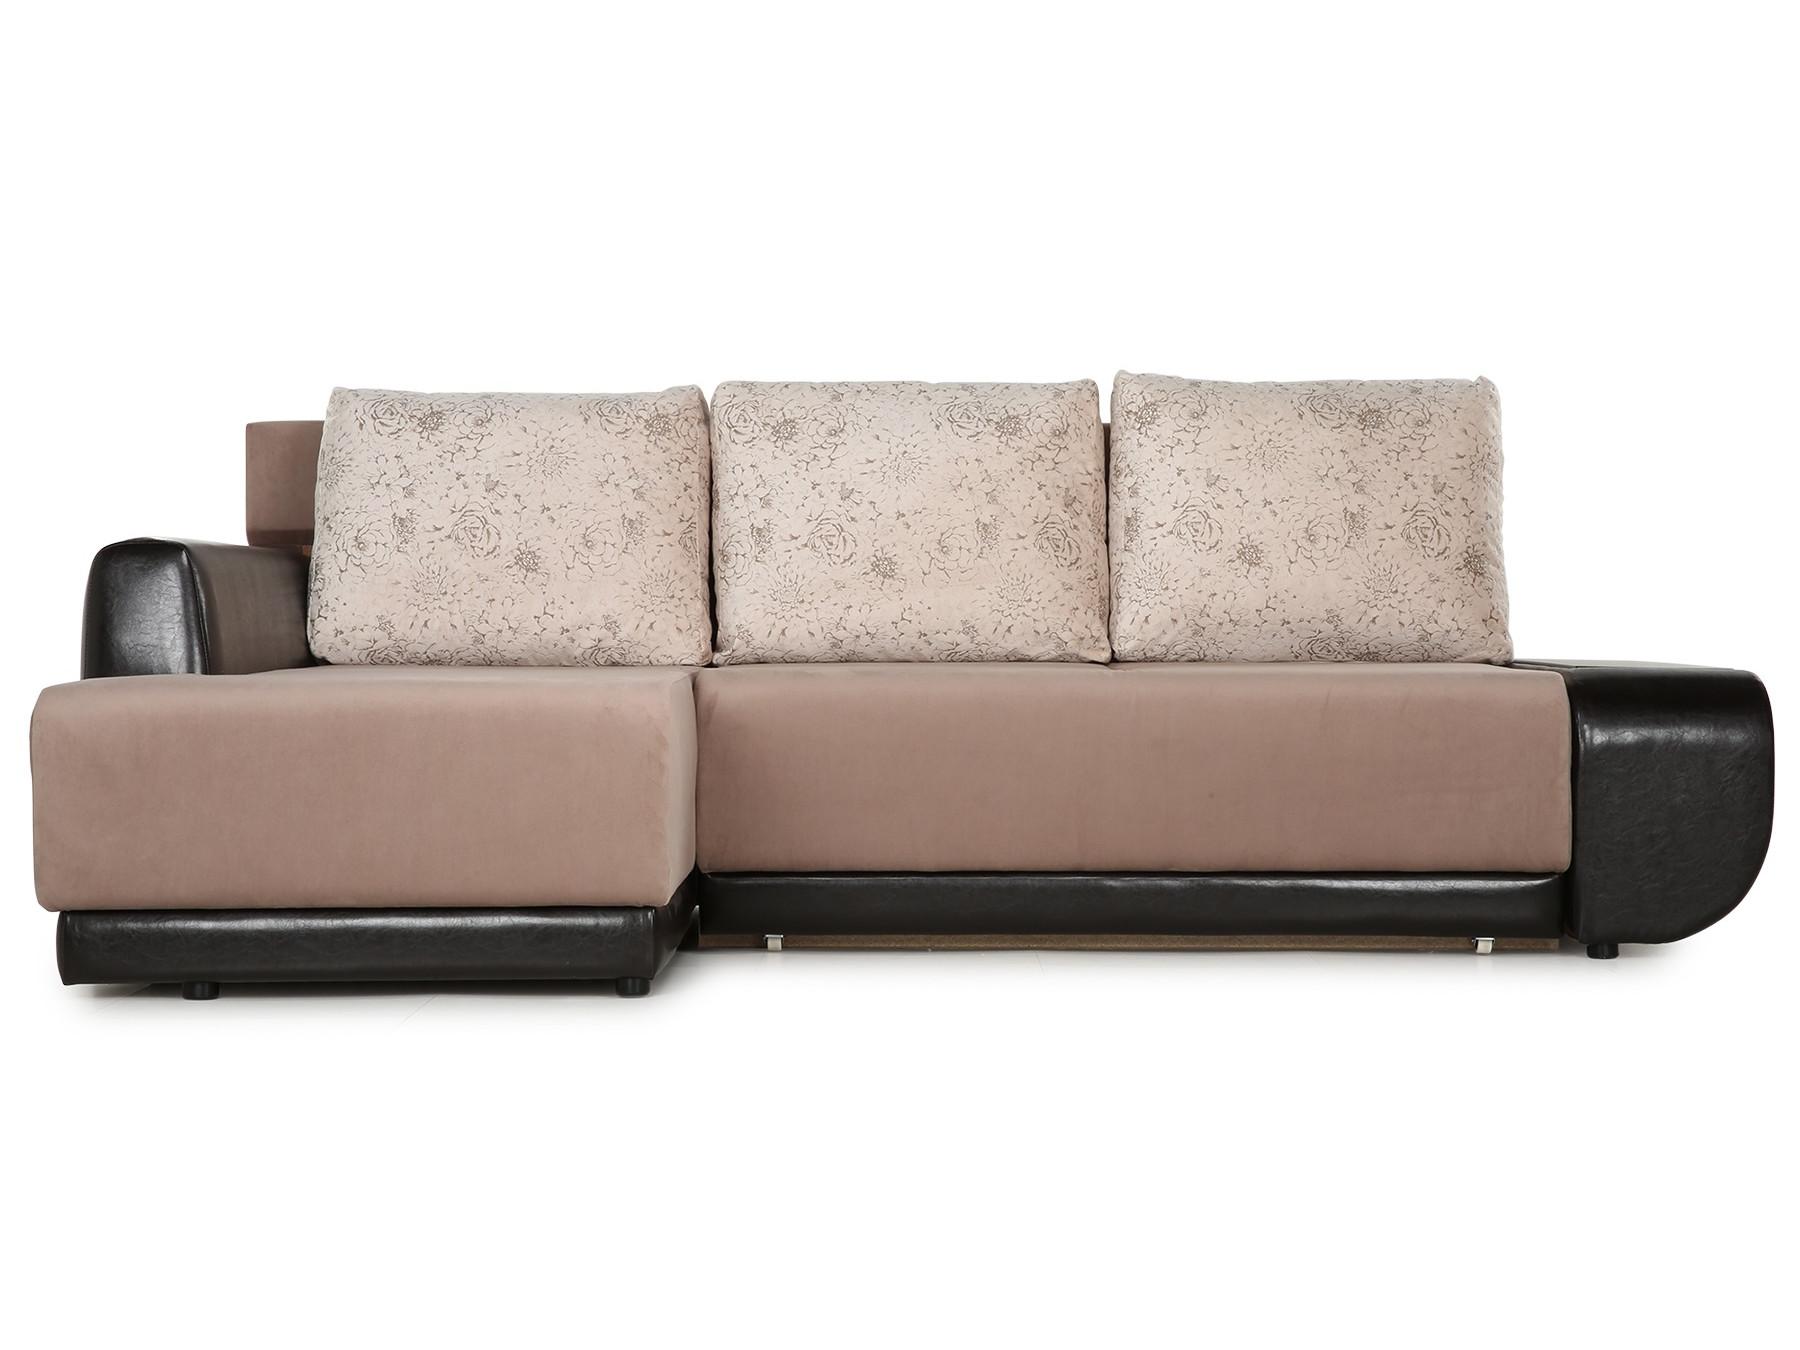 Угловой диван Поло (Нью-Йорк) Левый MebelVia Бежевый, Коричневый